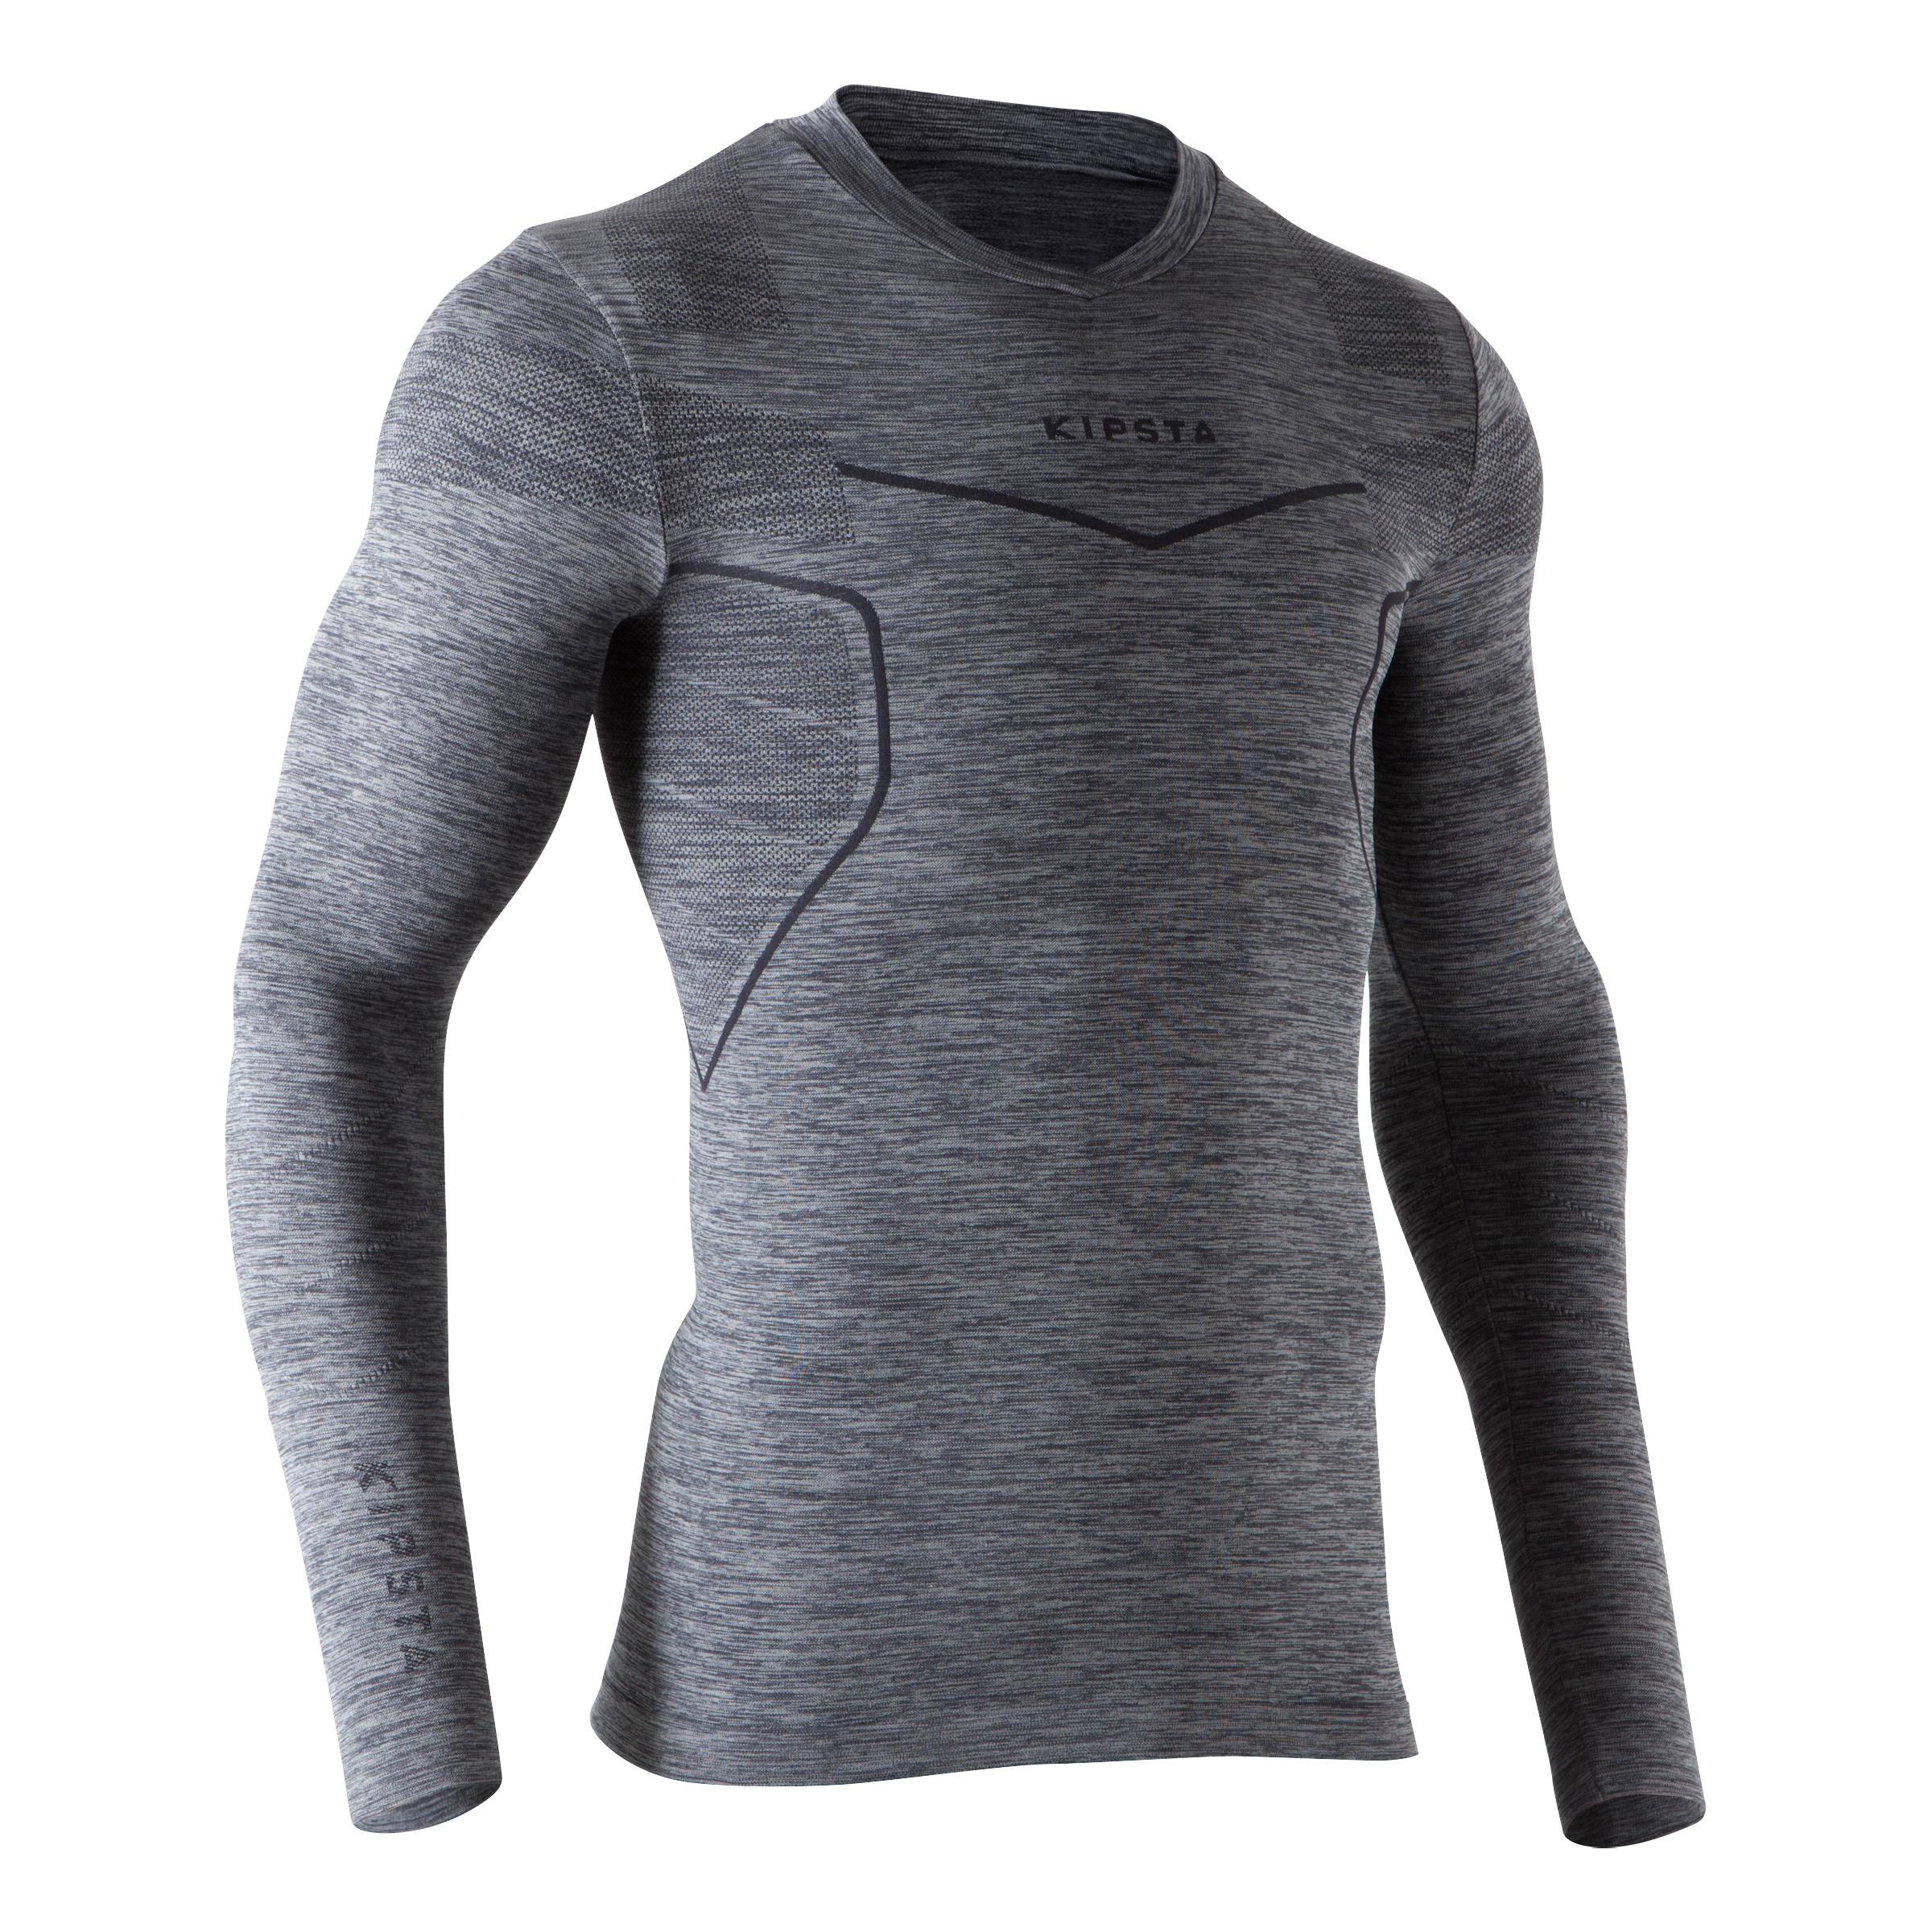 Kipsta Thermoshirt Keepdry 500 met lange mouwen thumbnail